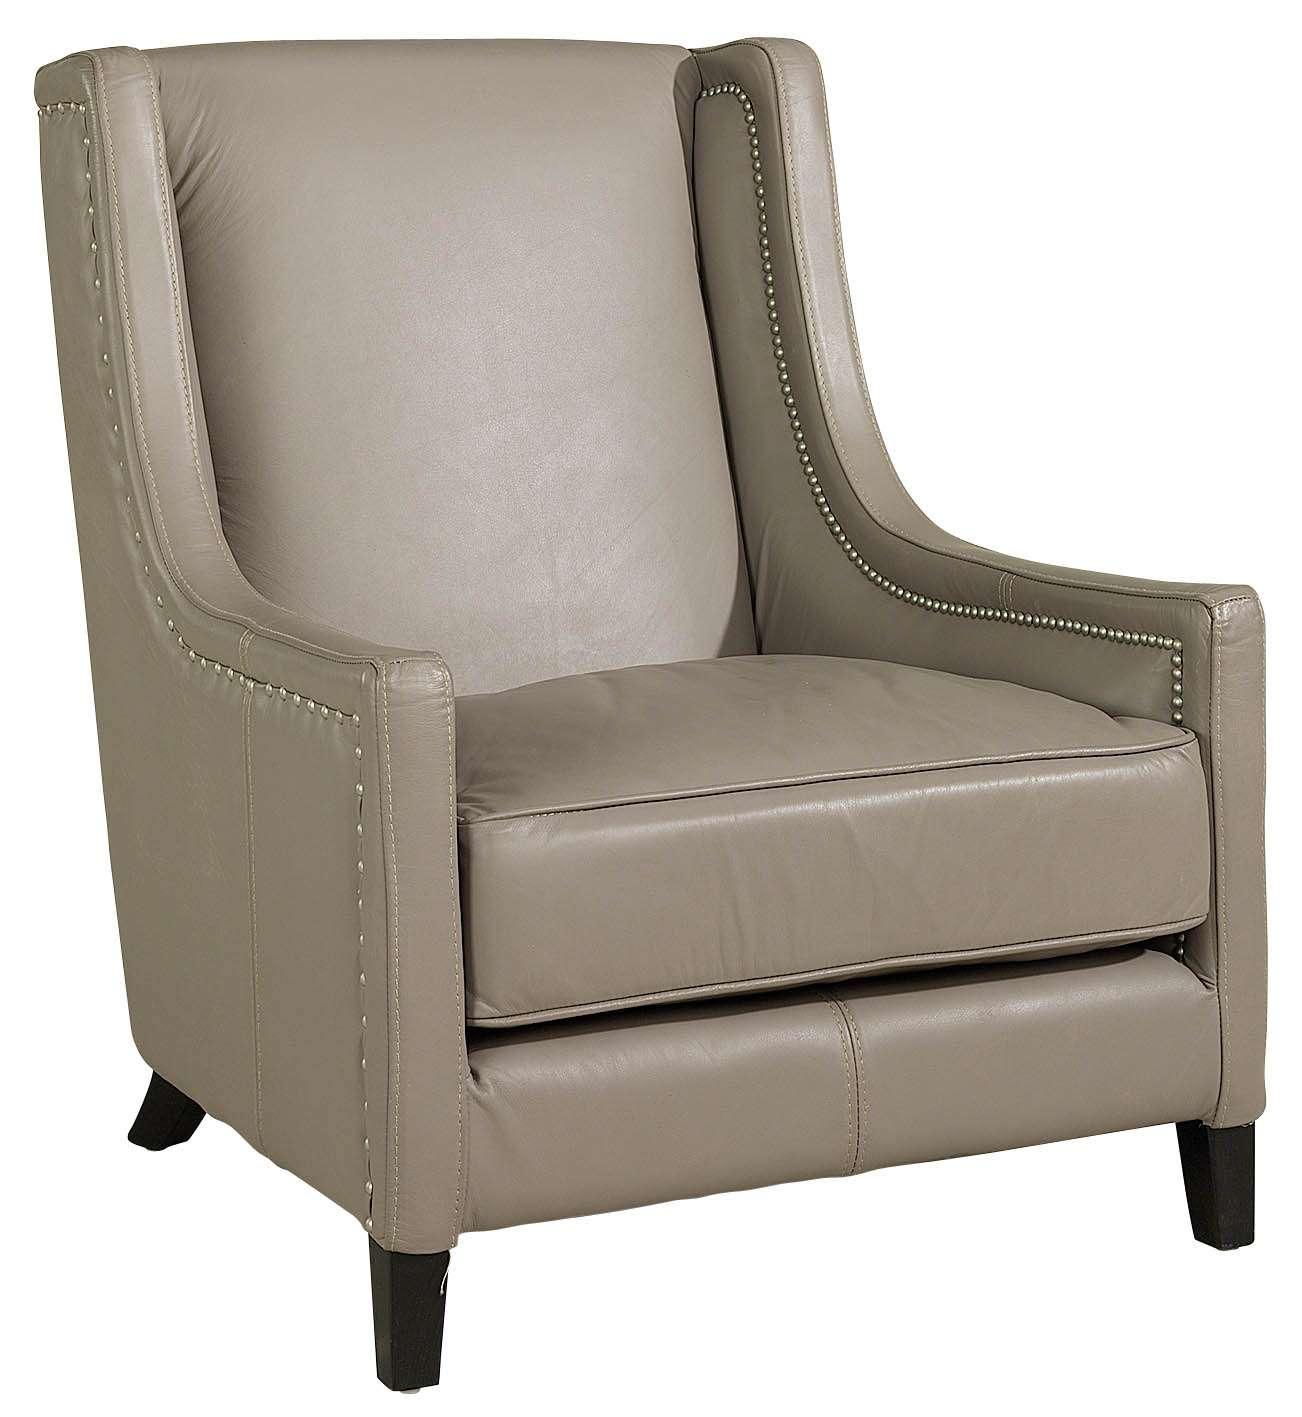 Fotel skórzany Manchester jasny 79x93x97cm